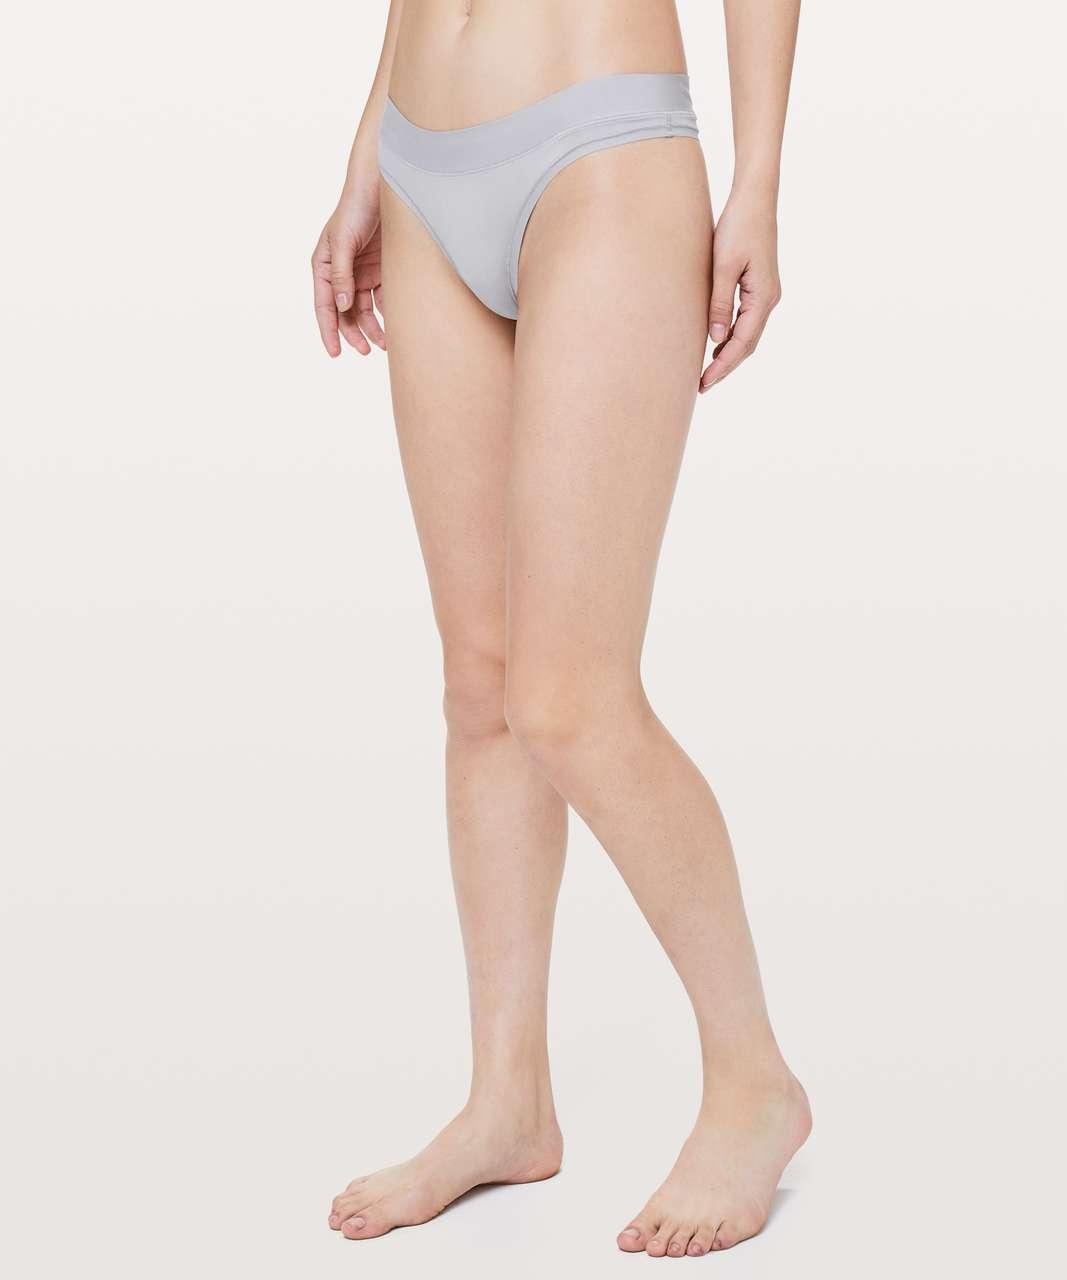 Lululemon Mula Bandhawear Thong - Lavender Grey